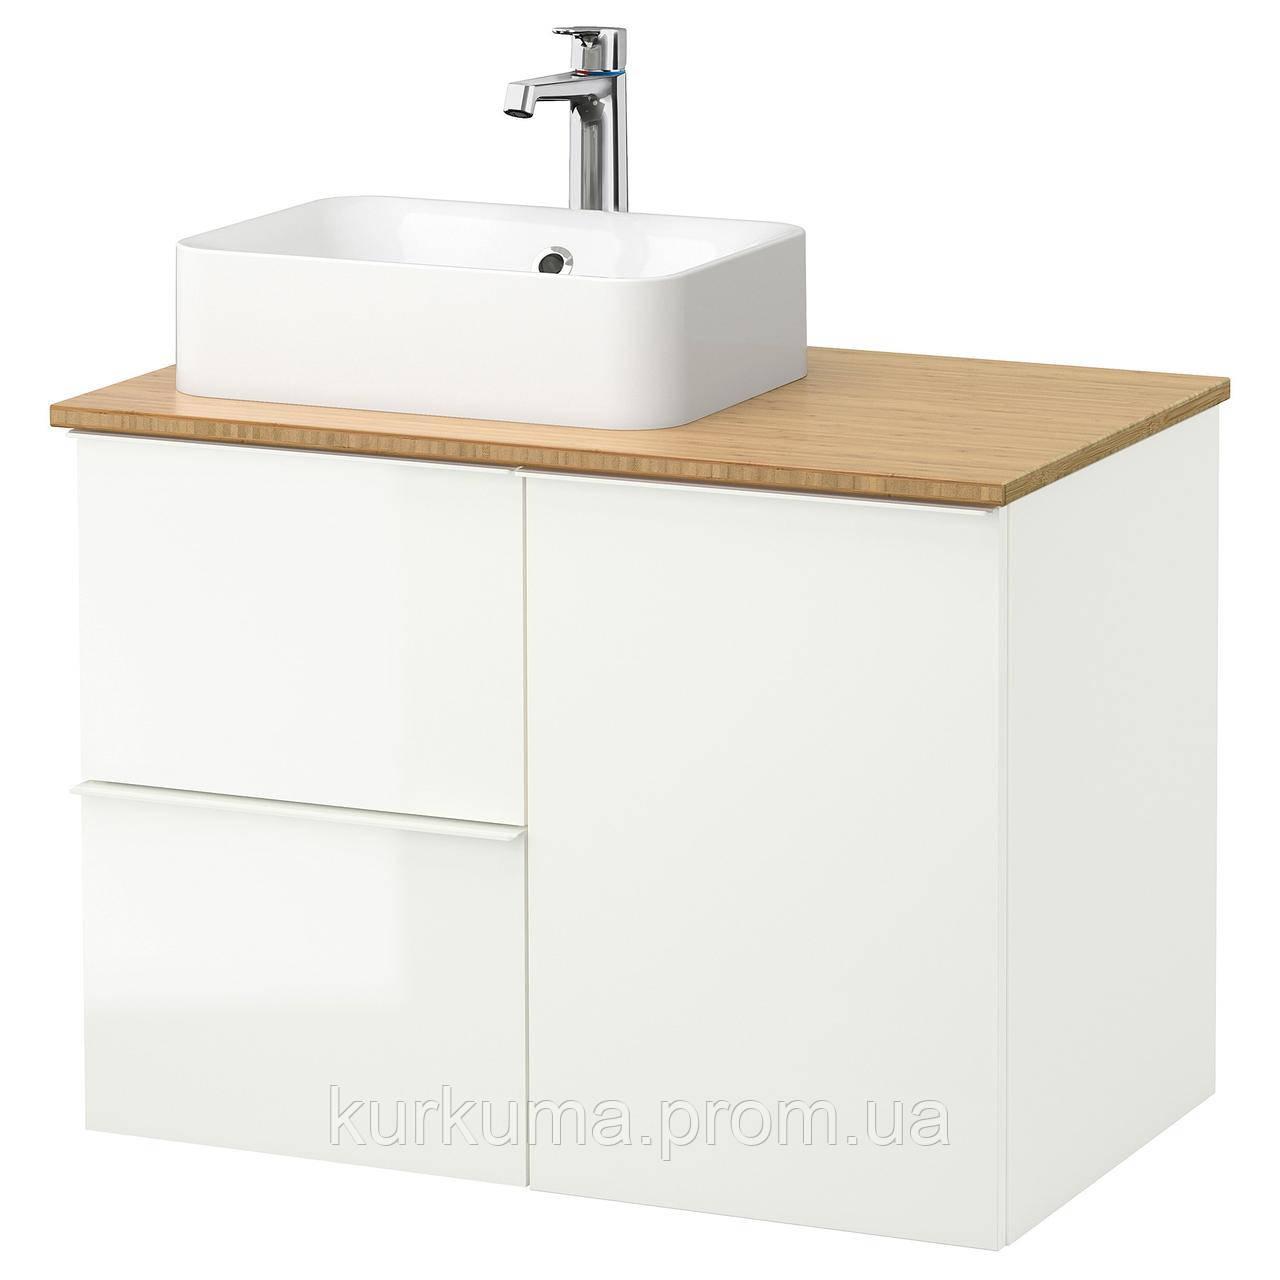 IKEA GODMORGON/TOLKEN/HORVIK Шкаф под умывальник с раковиной 45x32, глянцевый белый, бамбук  (392.083.01)